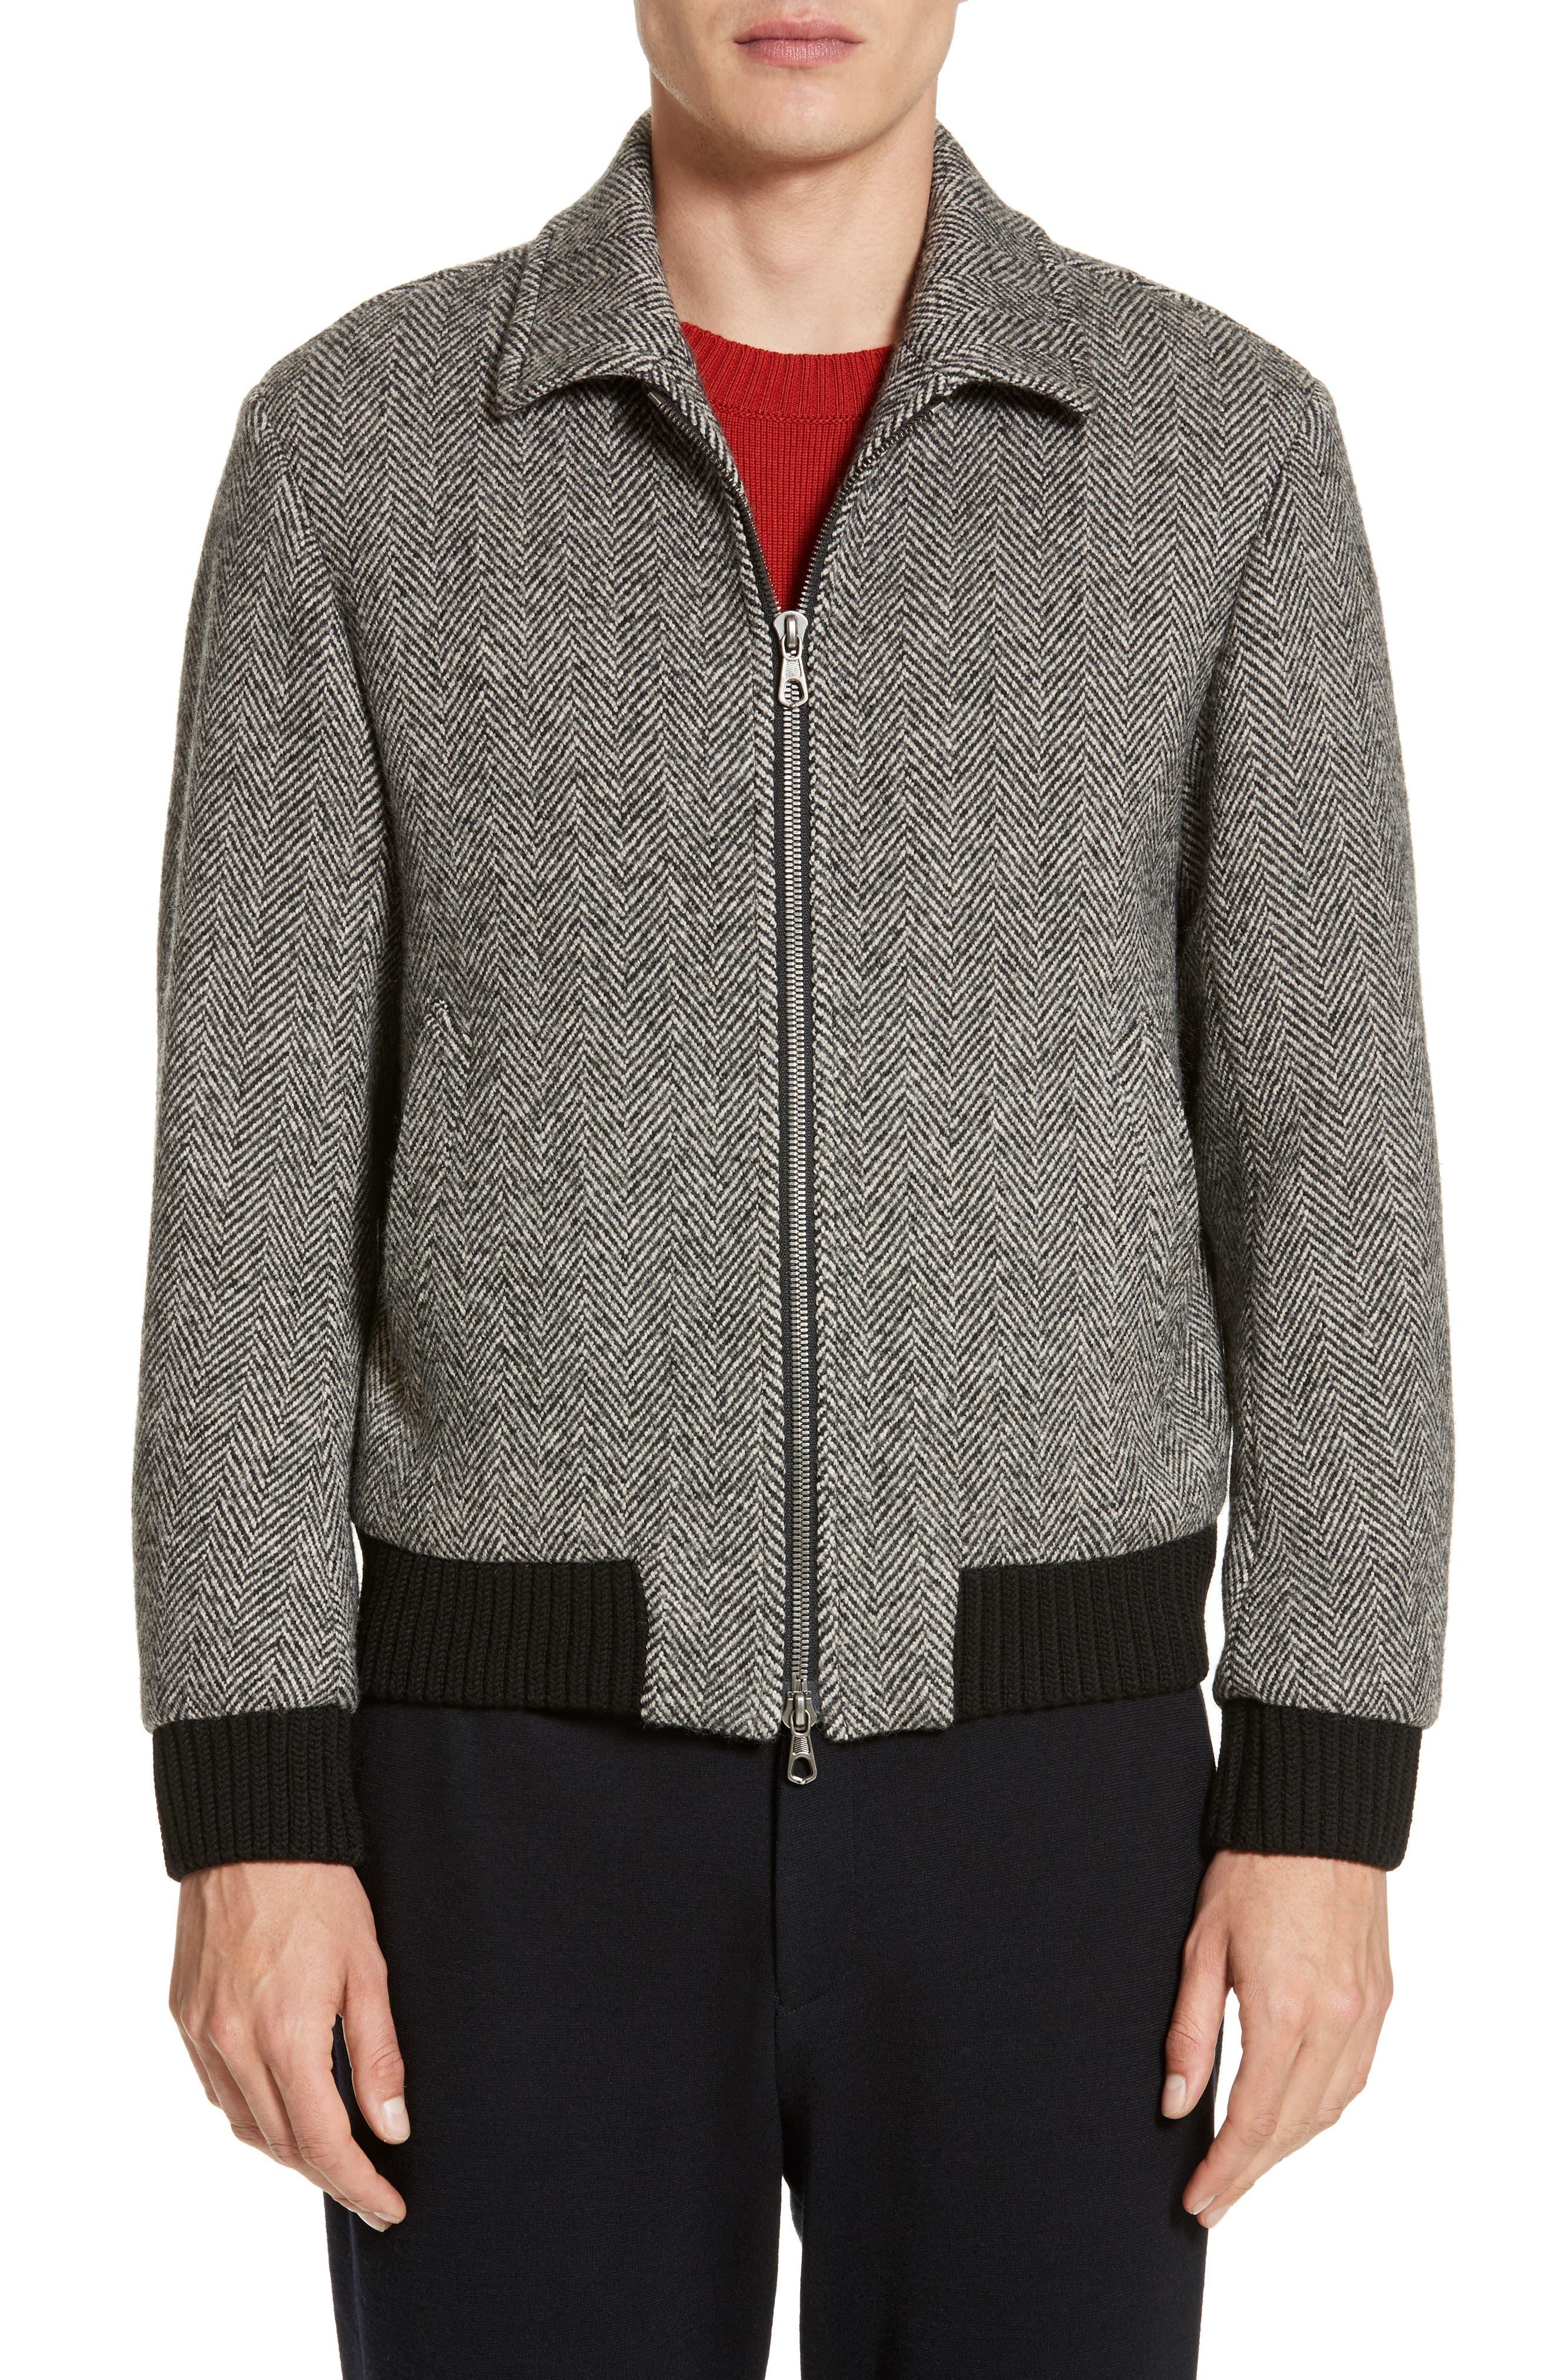 Tomorrowland Shelta Herringbone Wool Jacket